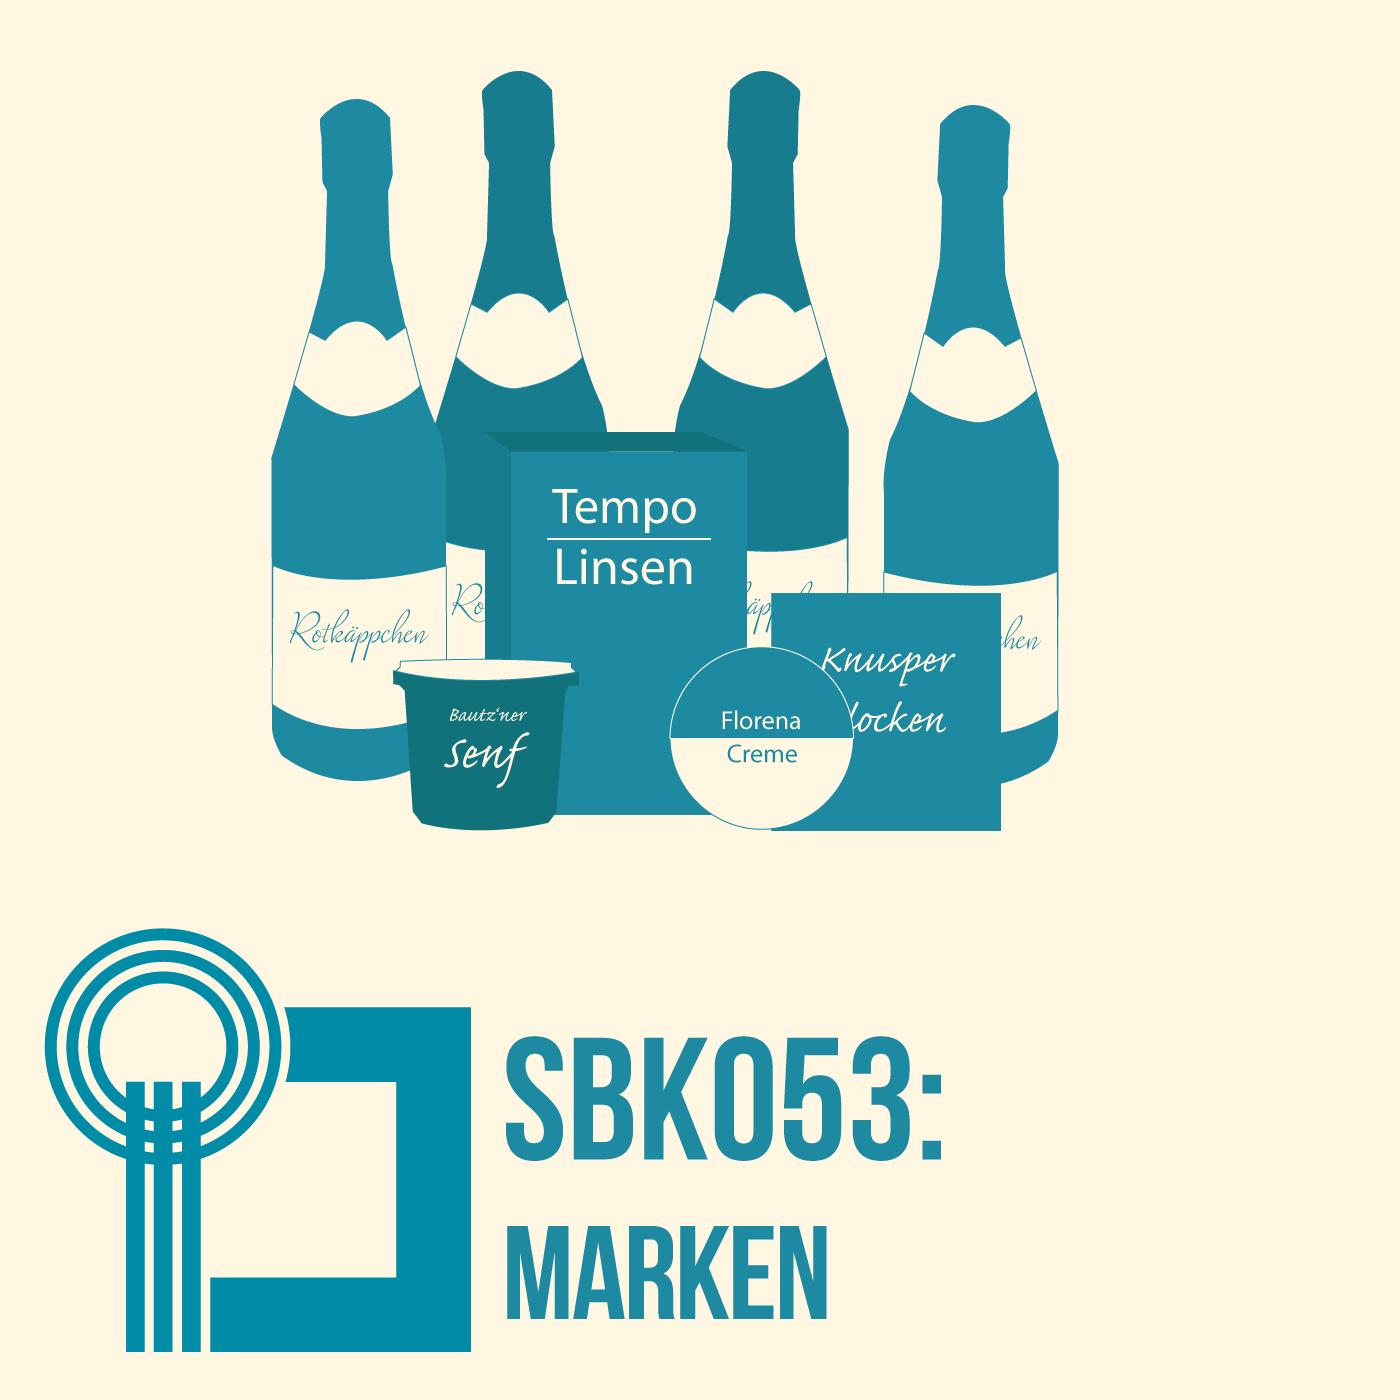 SBK053 Marken